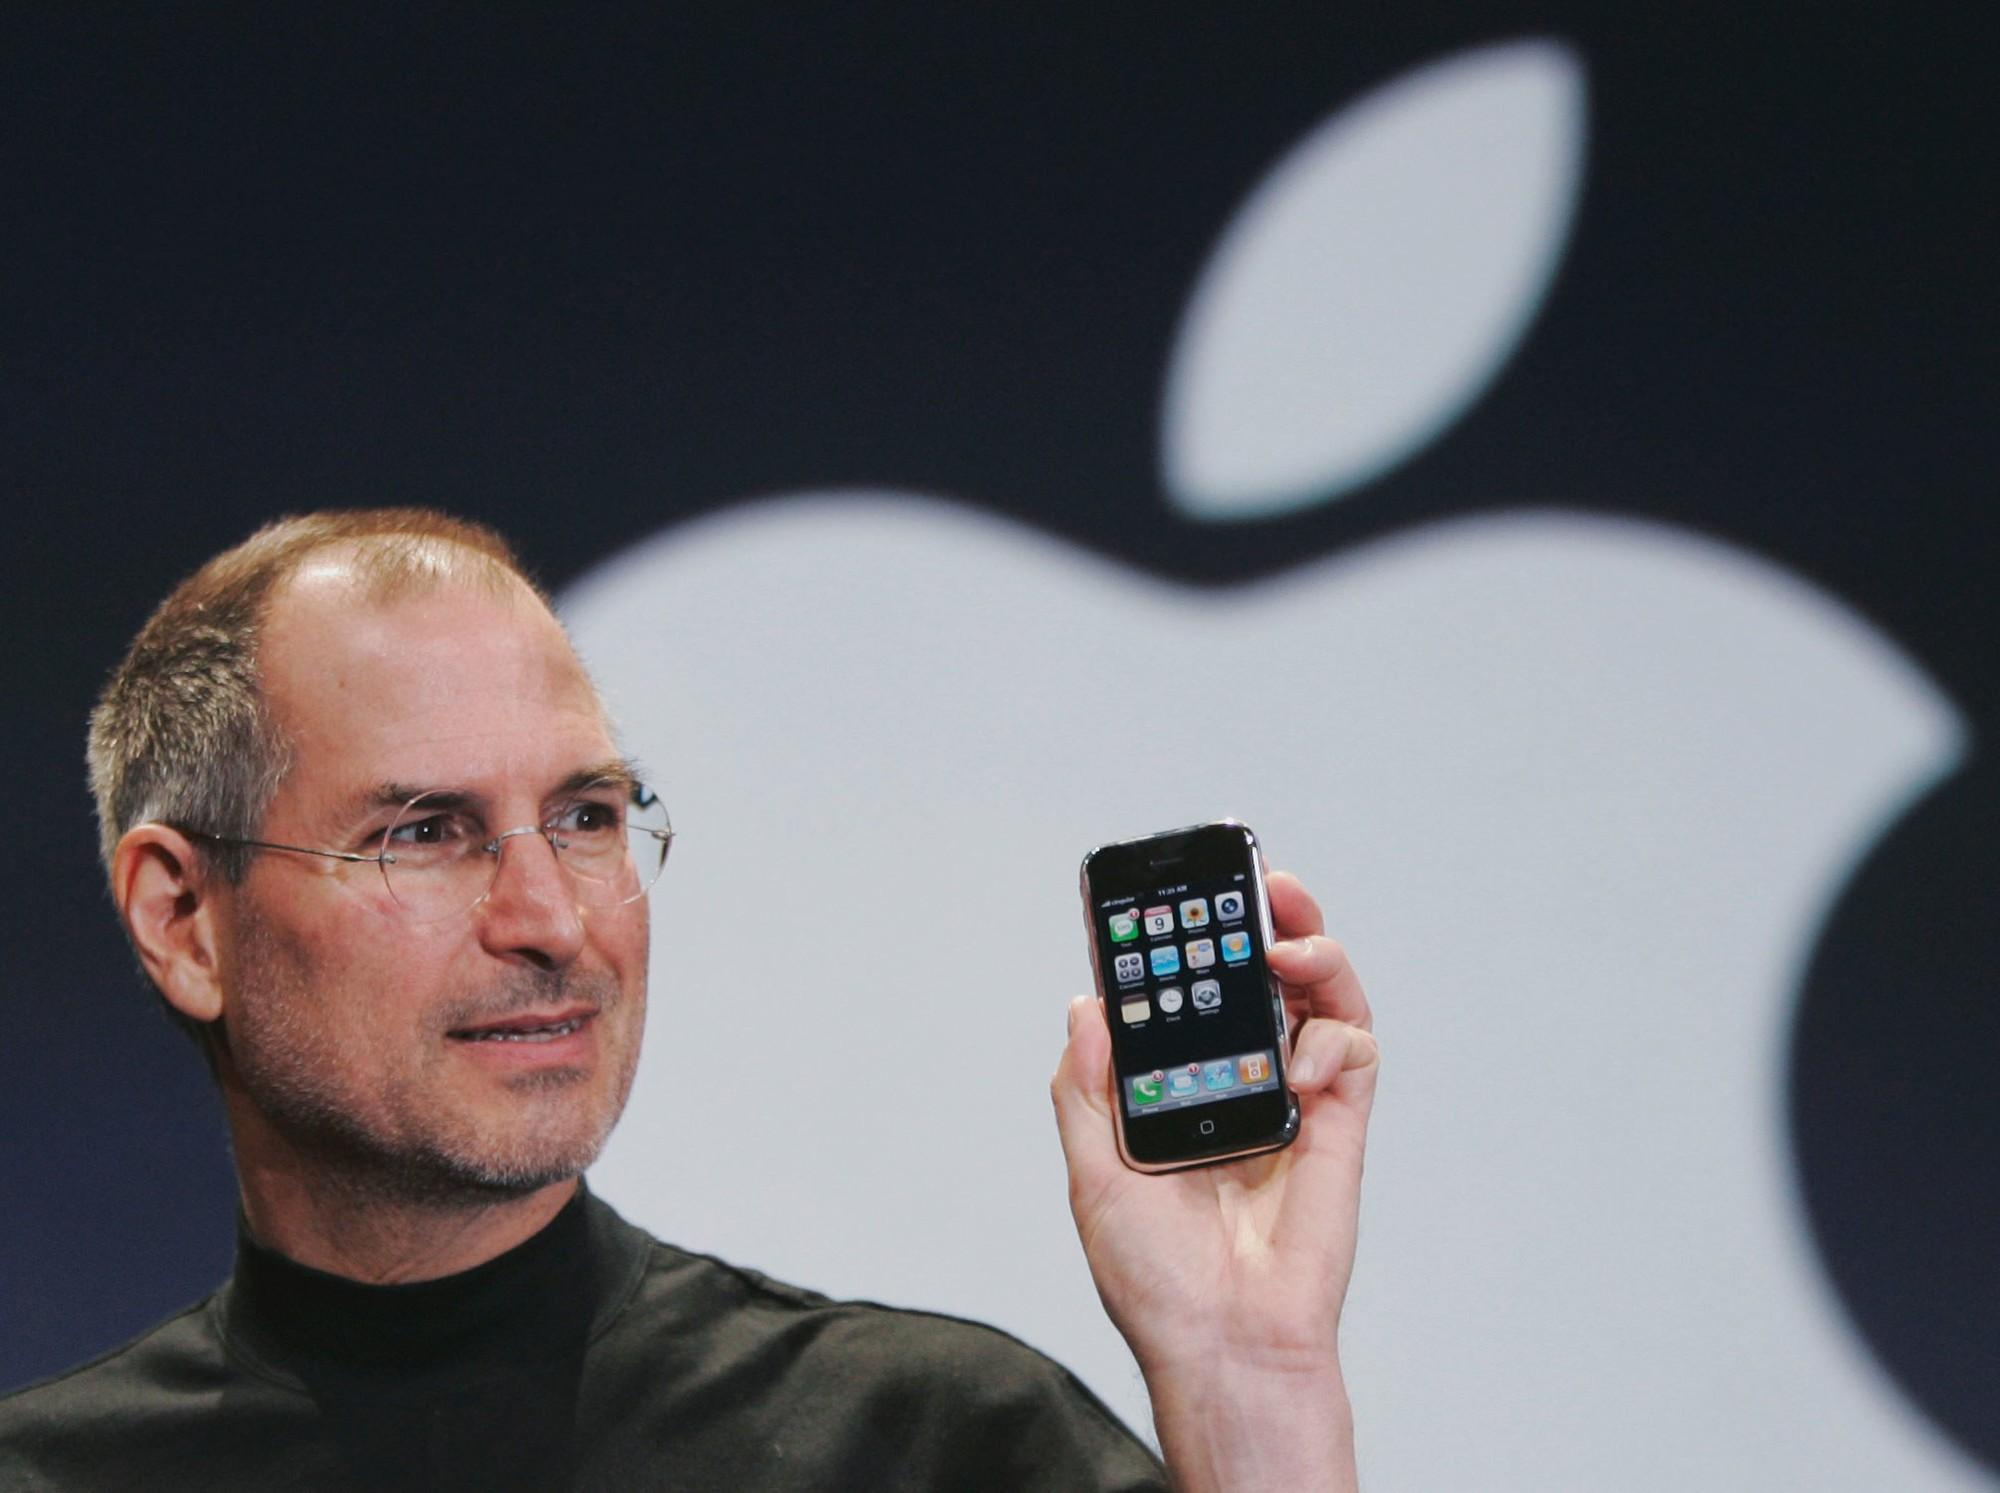 10 sự thật ngã ngửa về Apple: Nhìn đâu cũng ra phốt của các lãnh đạo ngoại trừ cái cuối cùng - Ảnh 5.